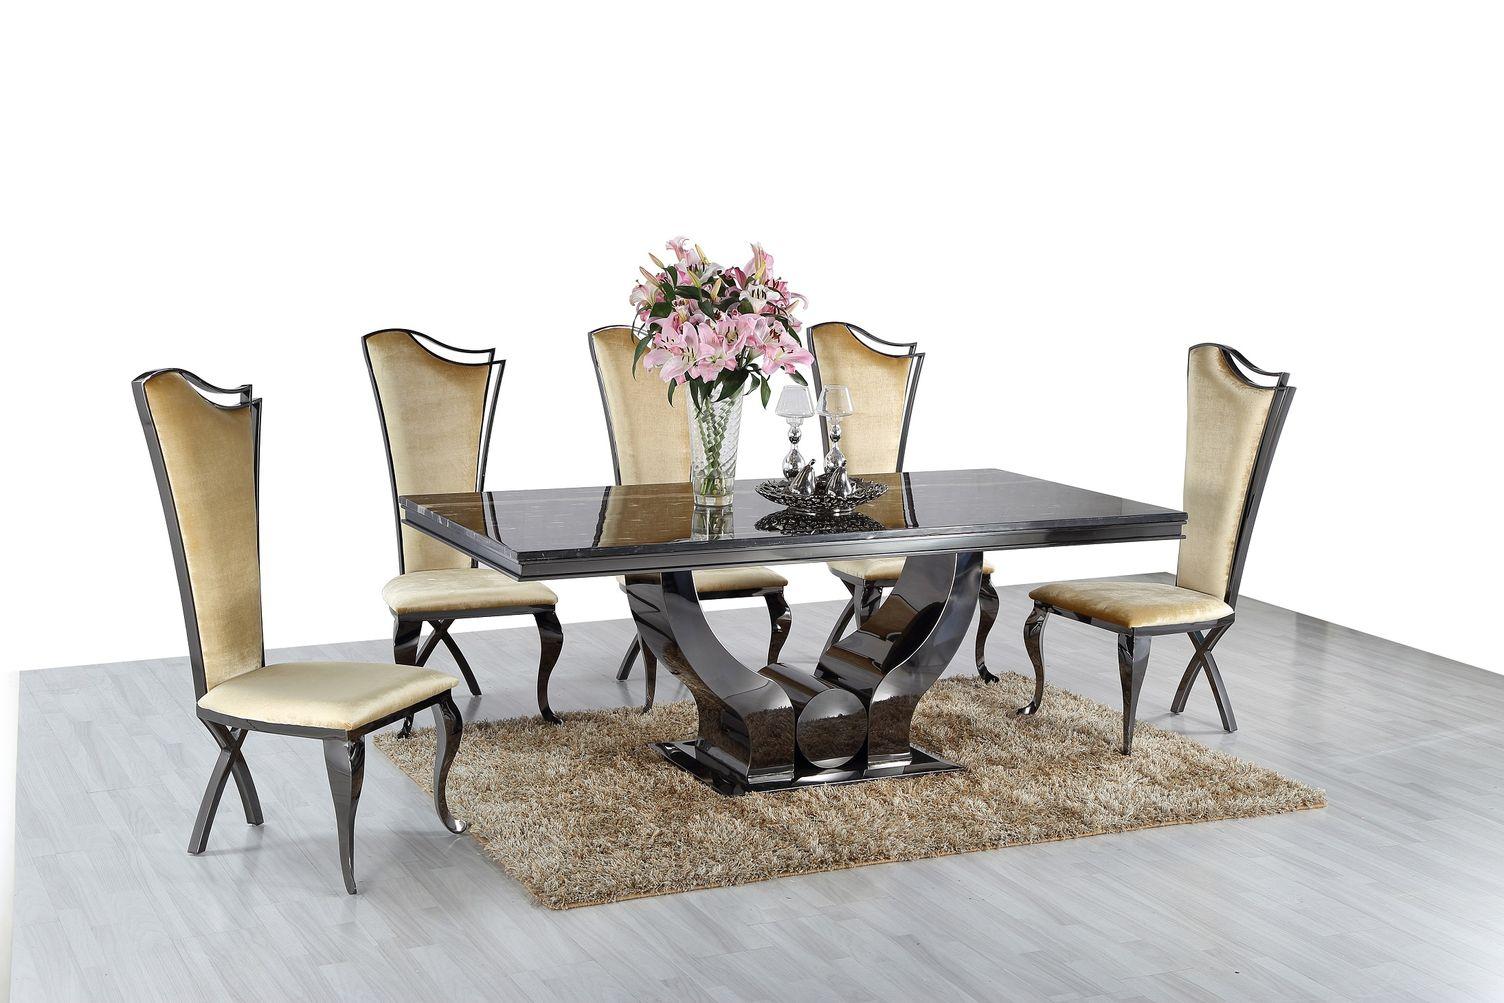 Jedálenský mramorový stôl Diamond